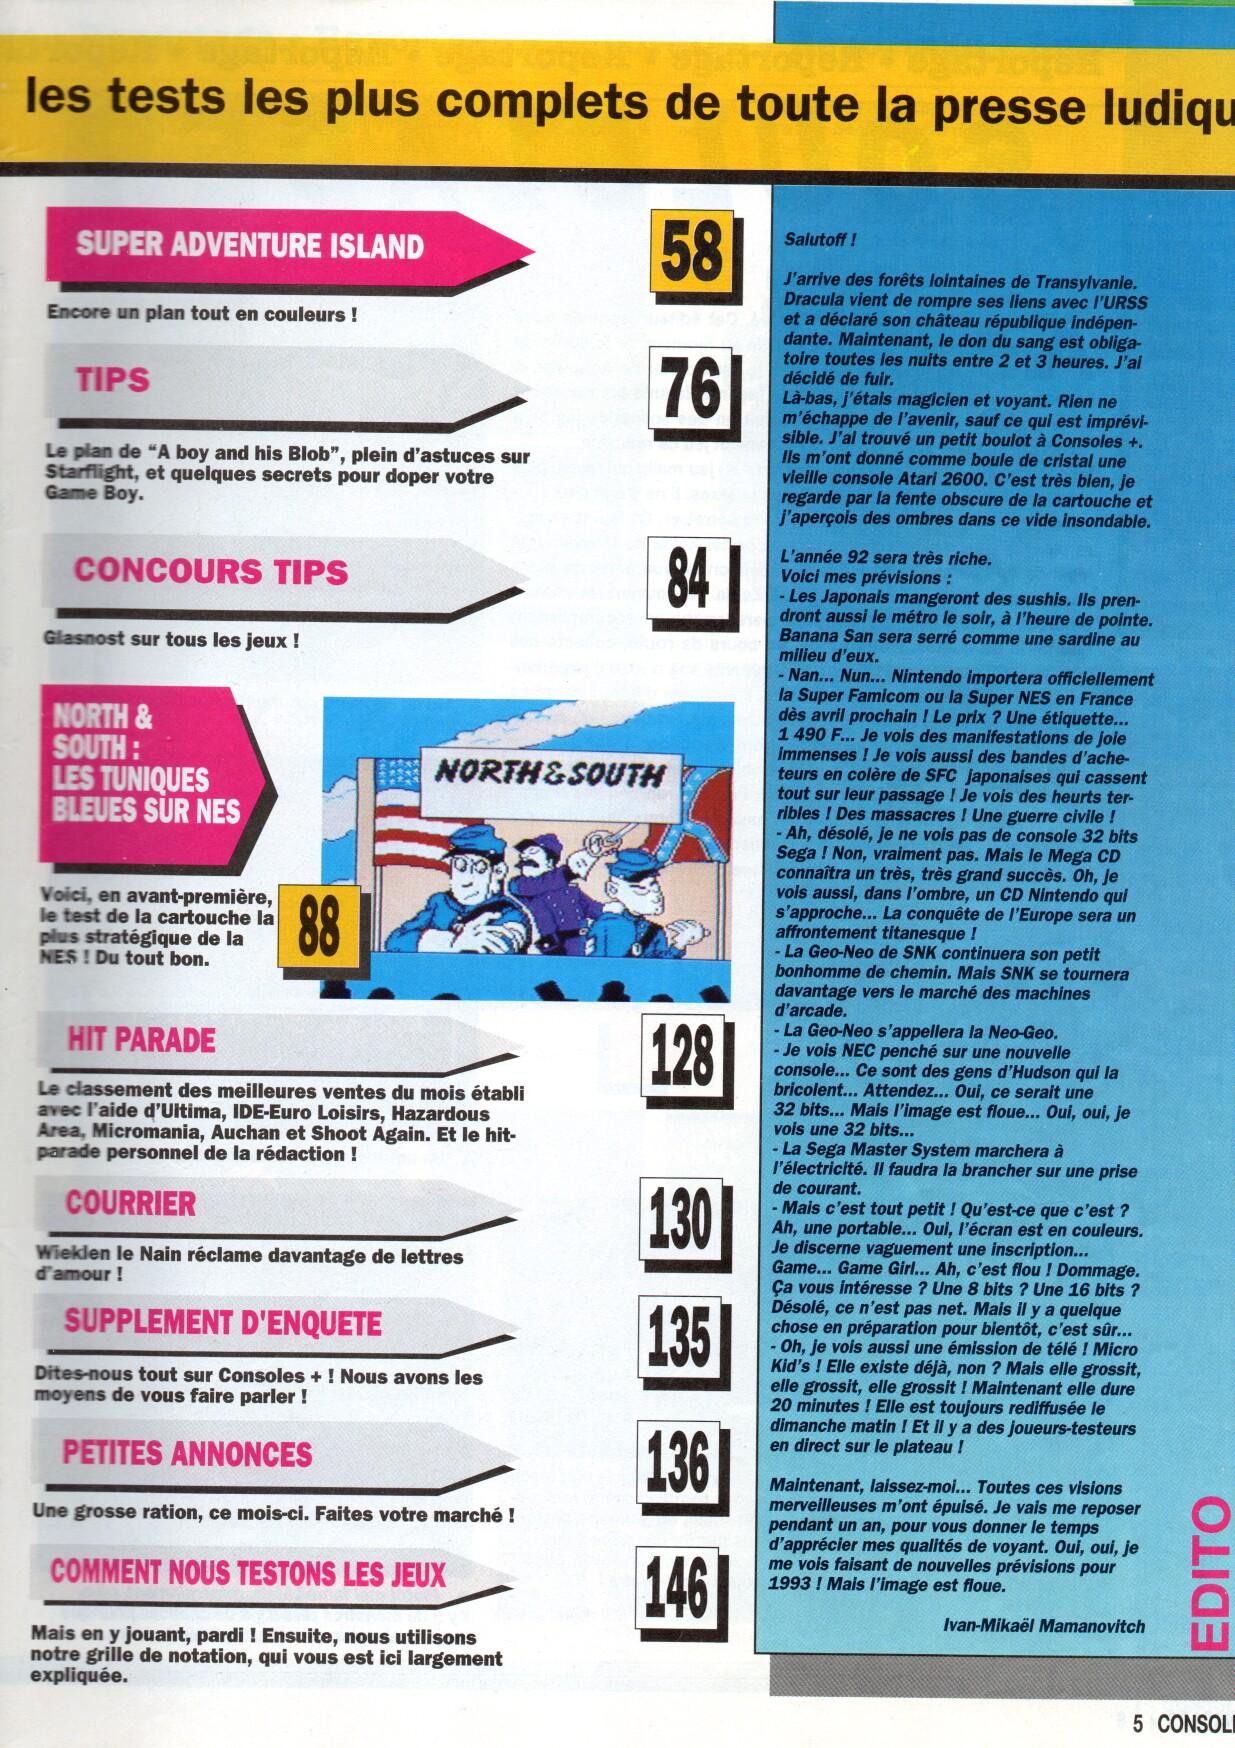 Votre top 5 des coups durs de l'histoire video-micro ludique - Page 3 Consoles%20%2B%20005%20-%20Page%20005%20%28janvier%201992%29